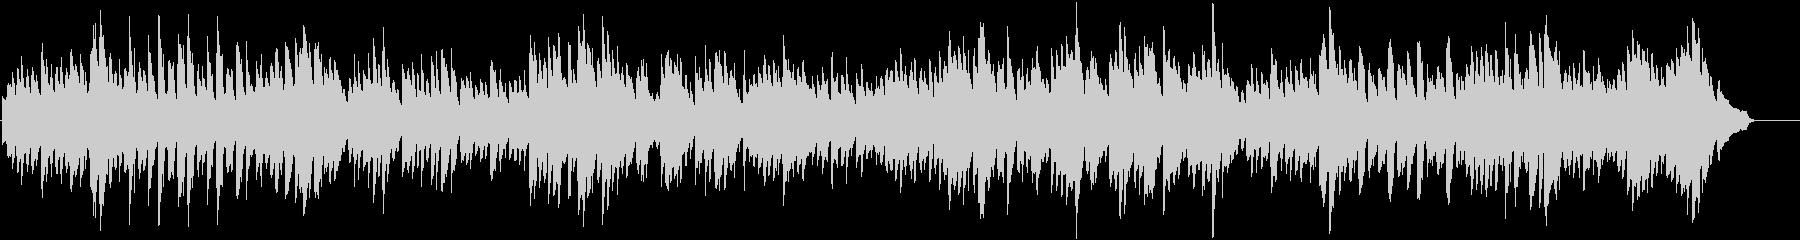 バッハ_インヴェンション第2番_ピアノの未再生の波形